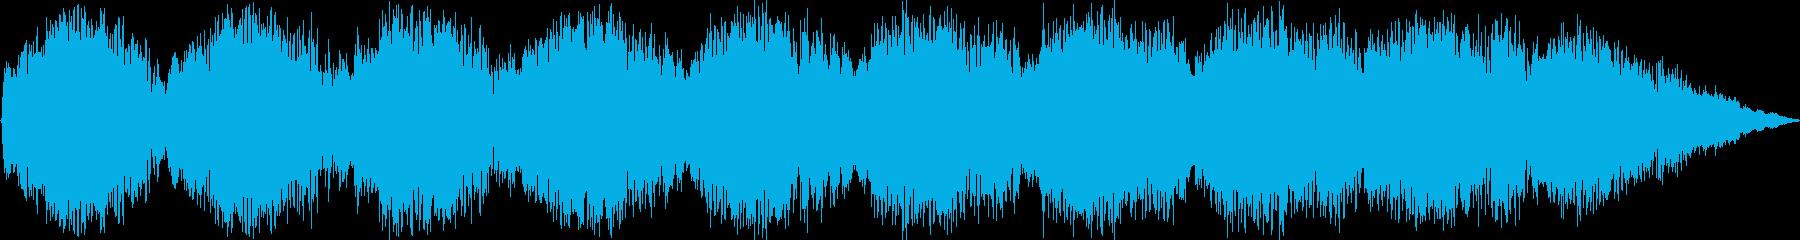 コンピューター室の主要な機能不全警...の再生済みの波形